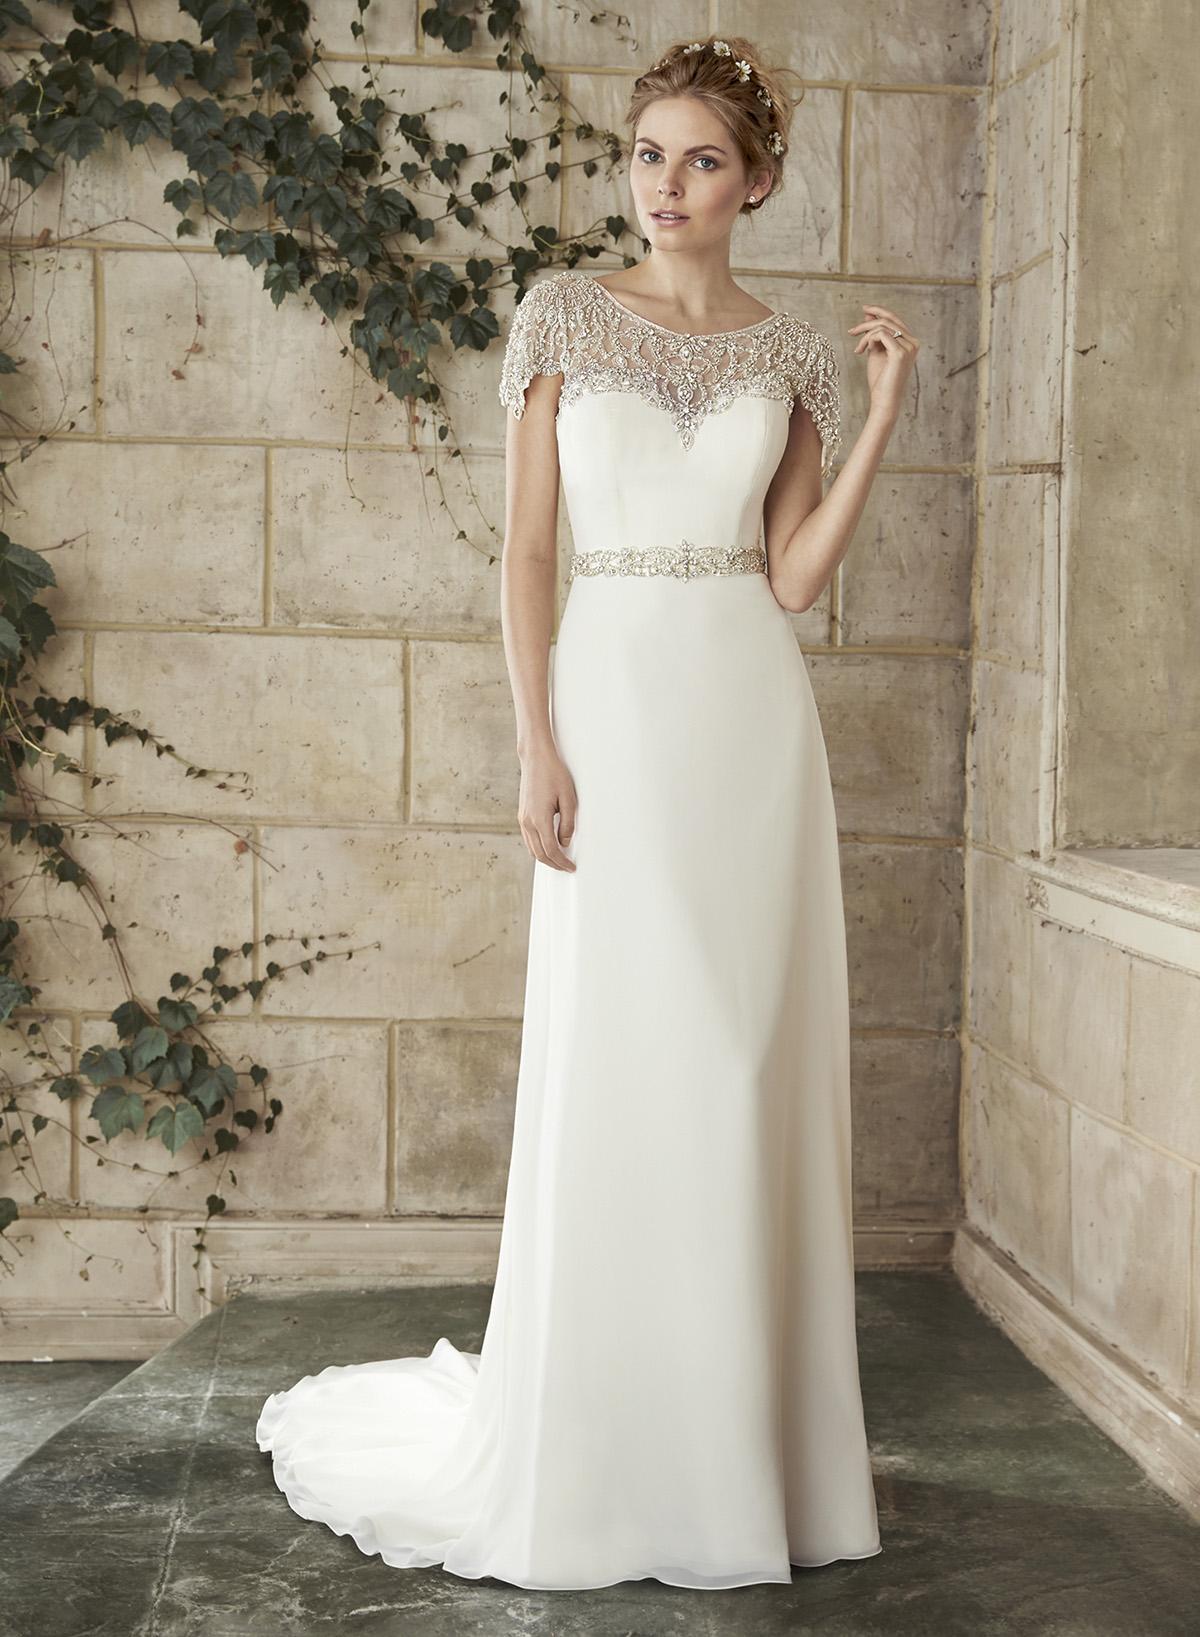 Свадебное платье в греческом стиле с узорчатым верхом bb5c7dcca5b